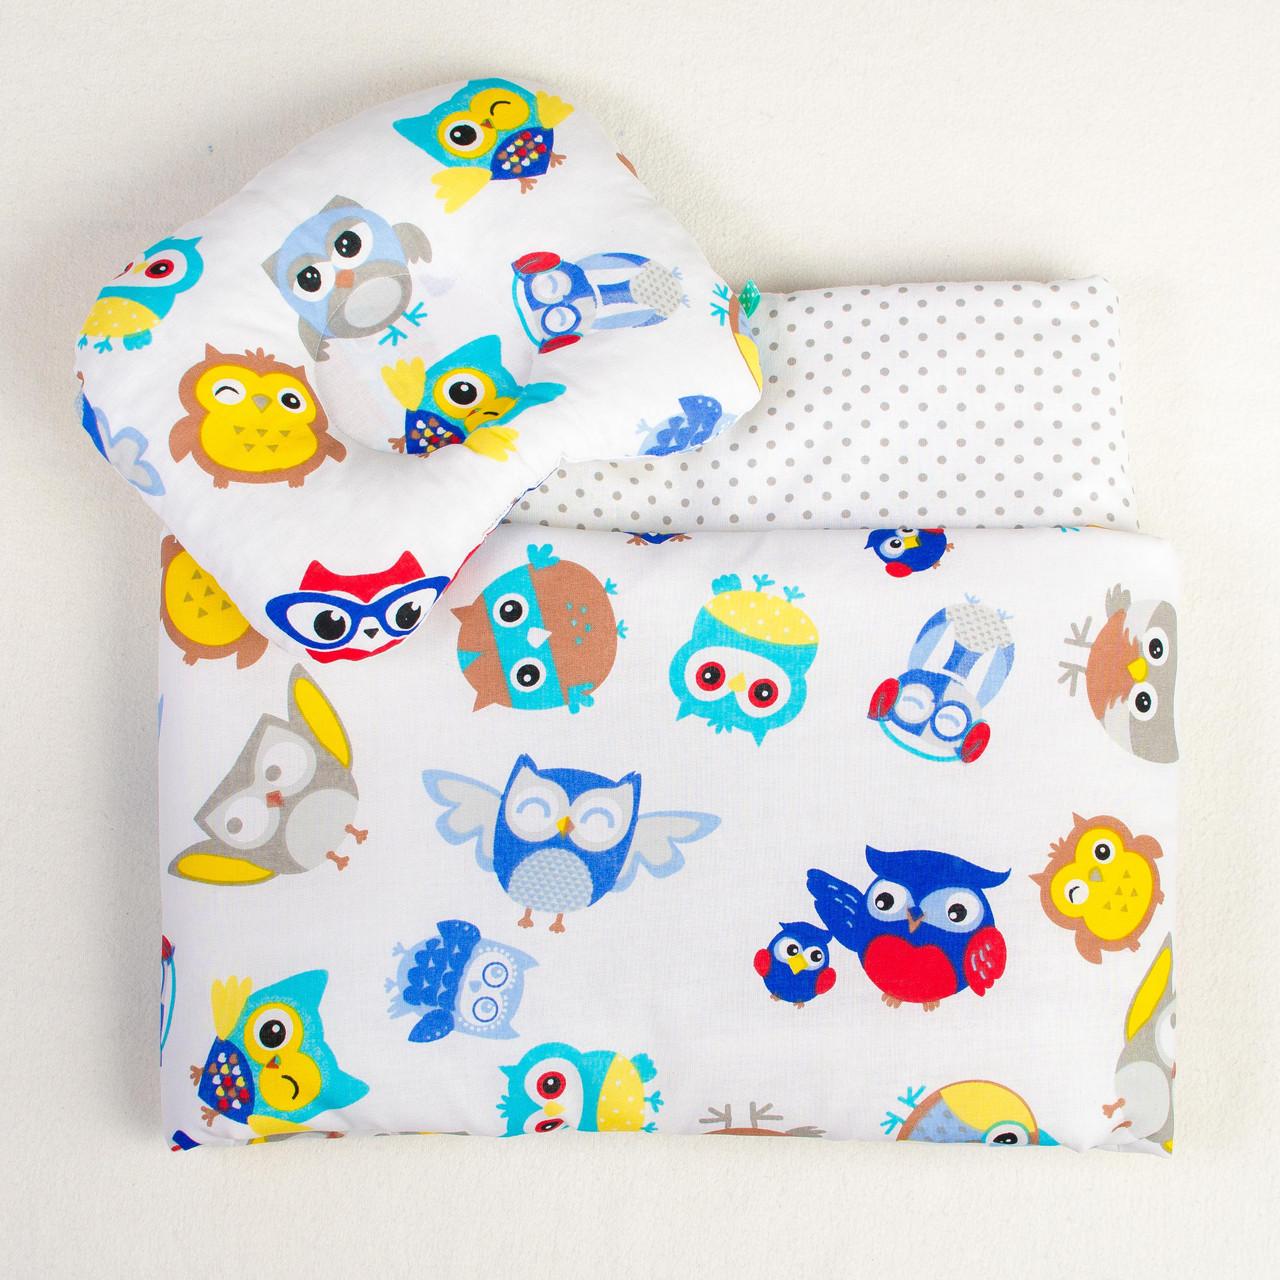 Постельное белье в детскую колыбель, три предмета (одеяло, подушка, простынь)